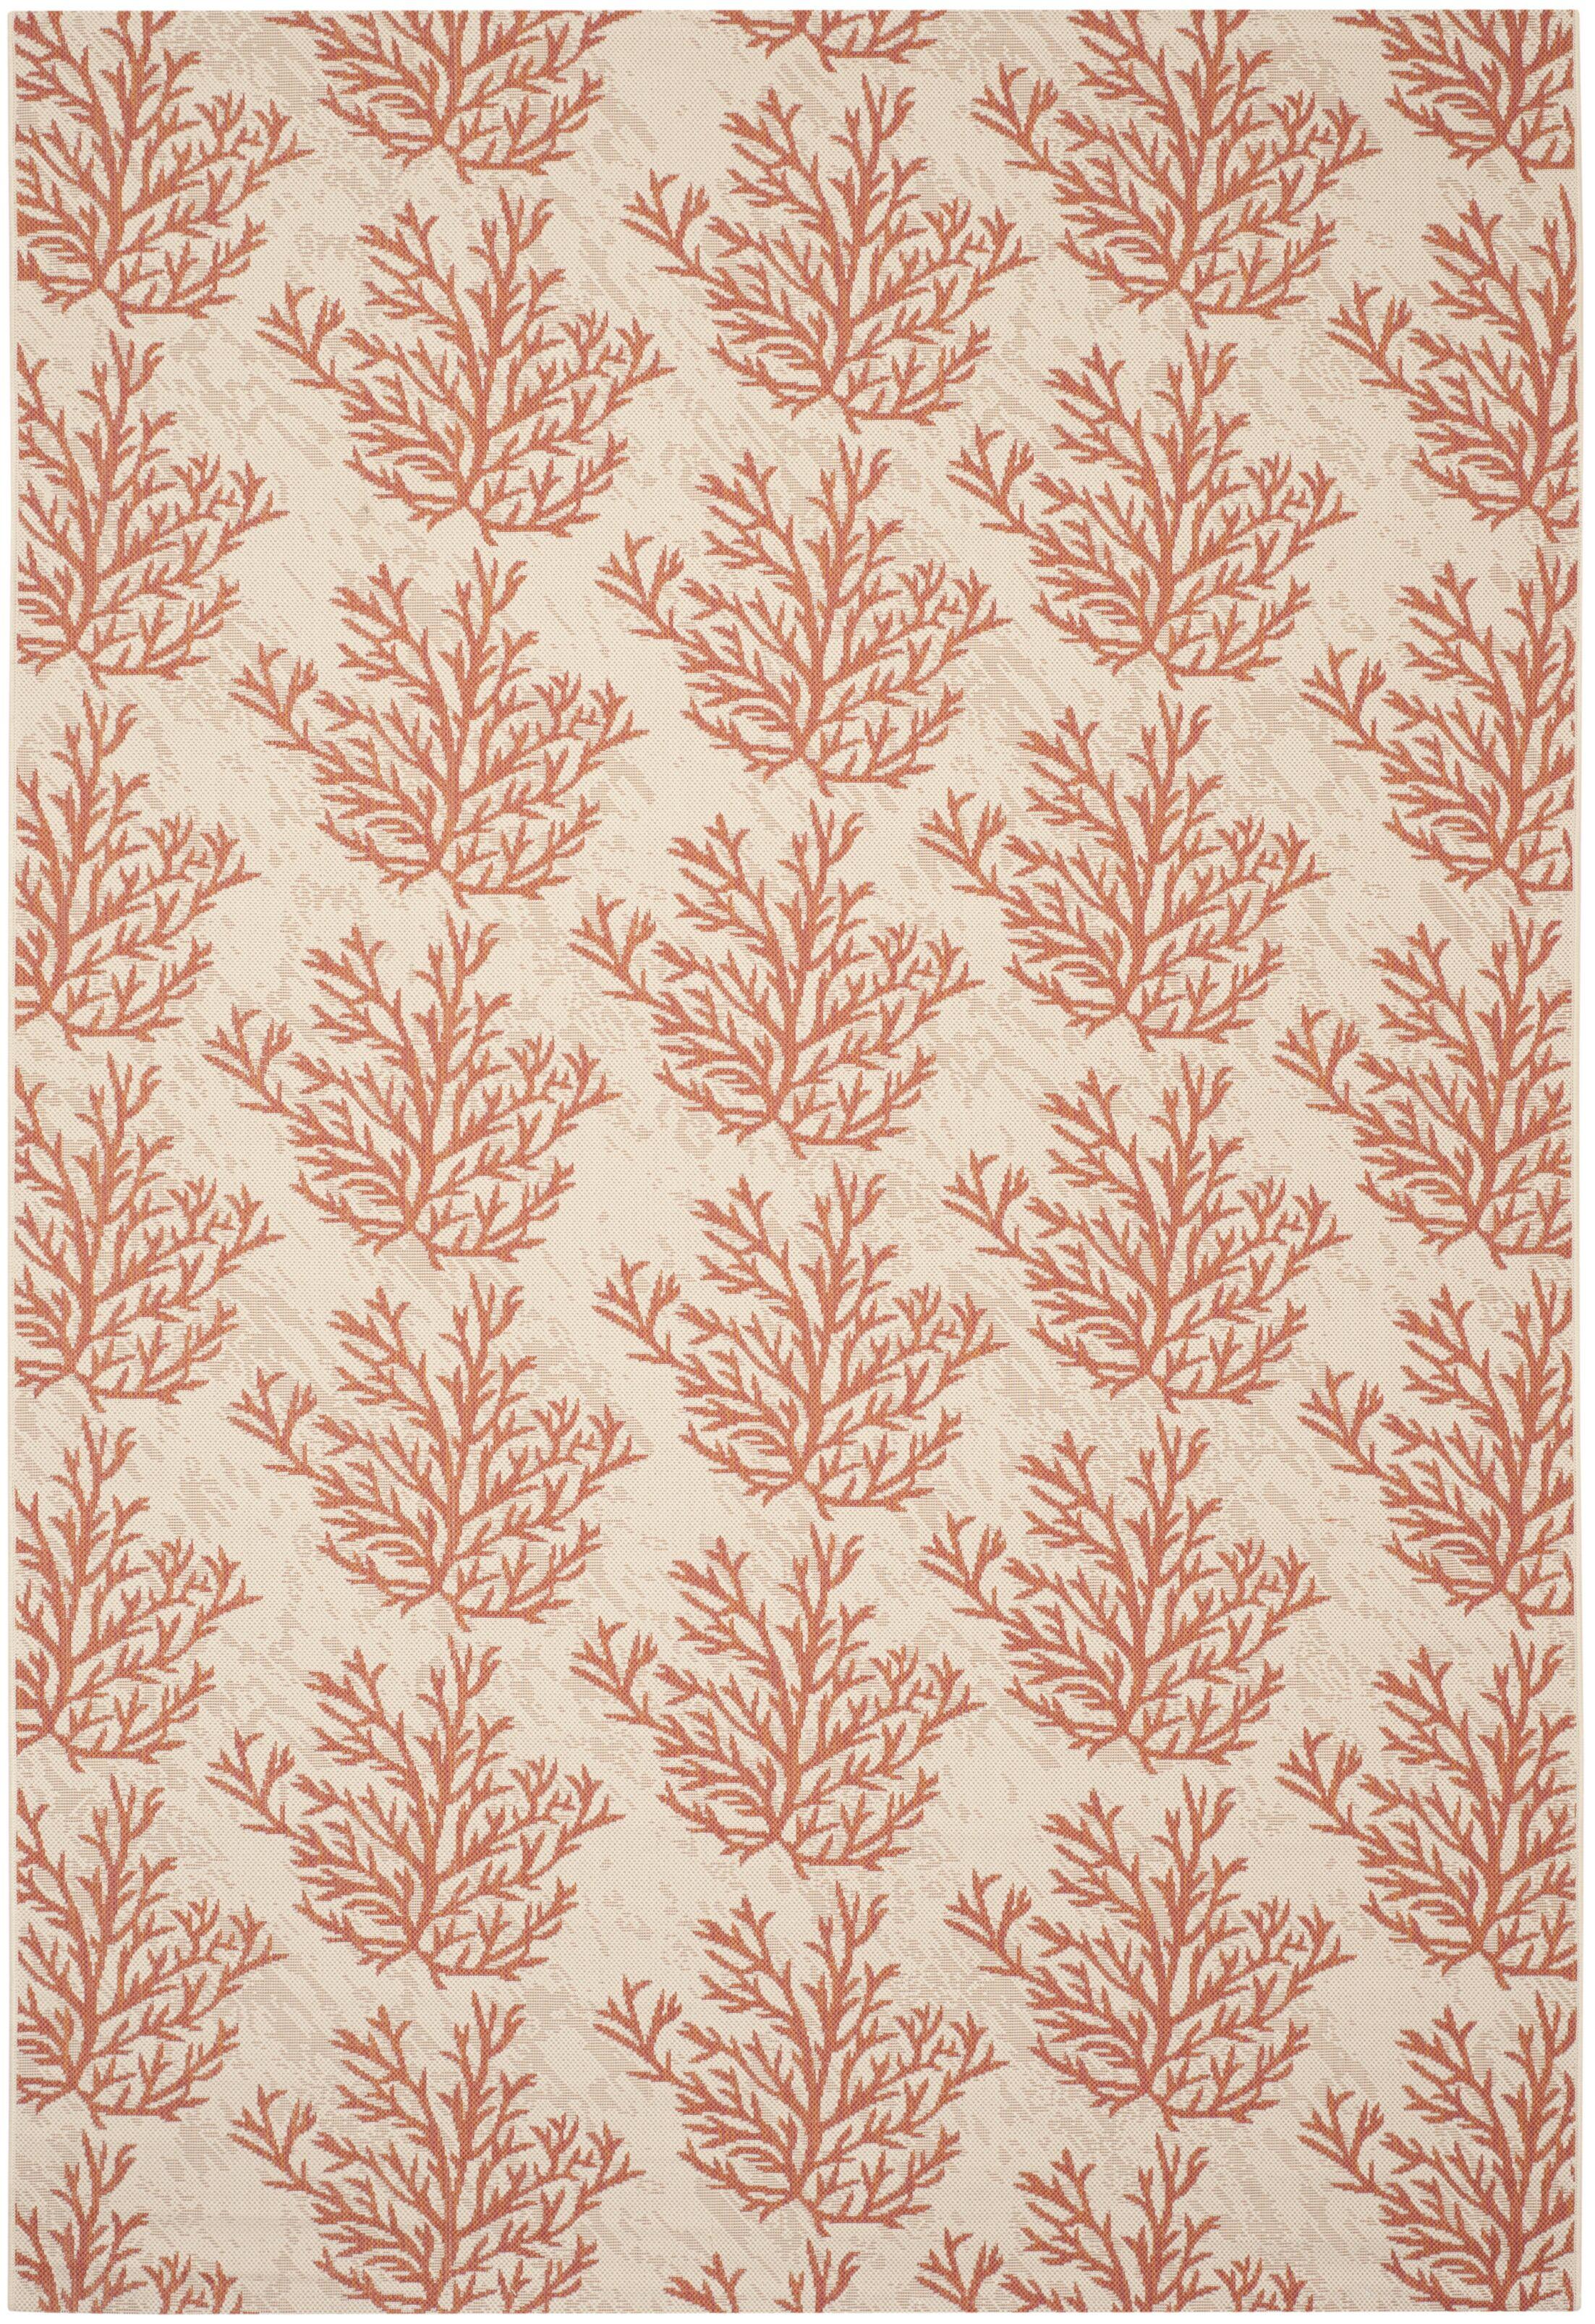 Inverness Highlands Beige & Terracotta Area Rug Rug Size: Rectangle 6'7